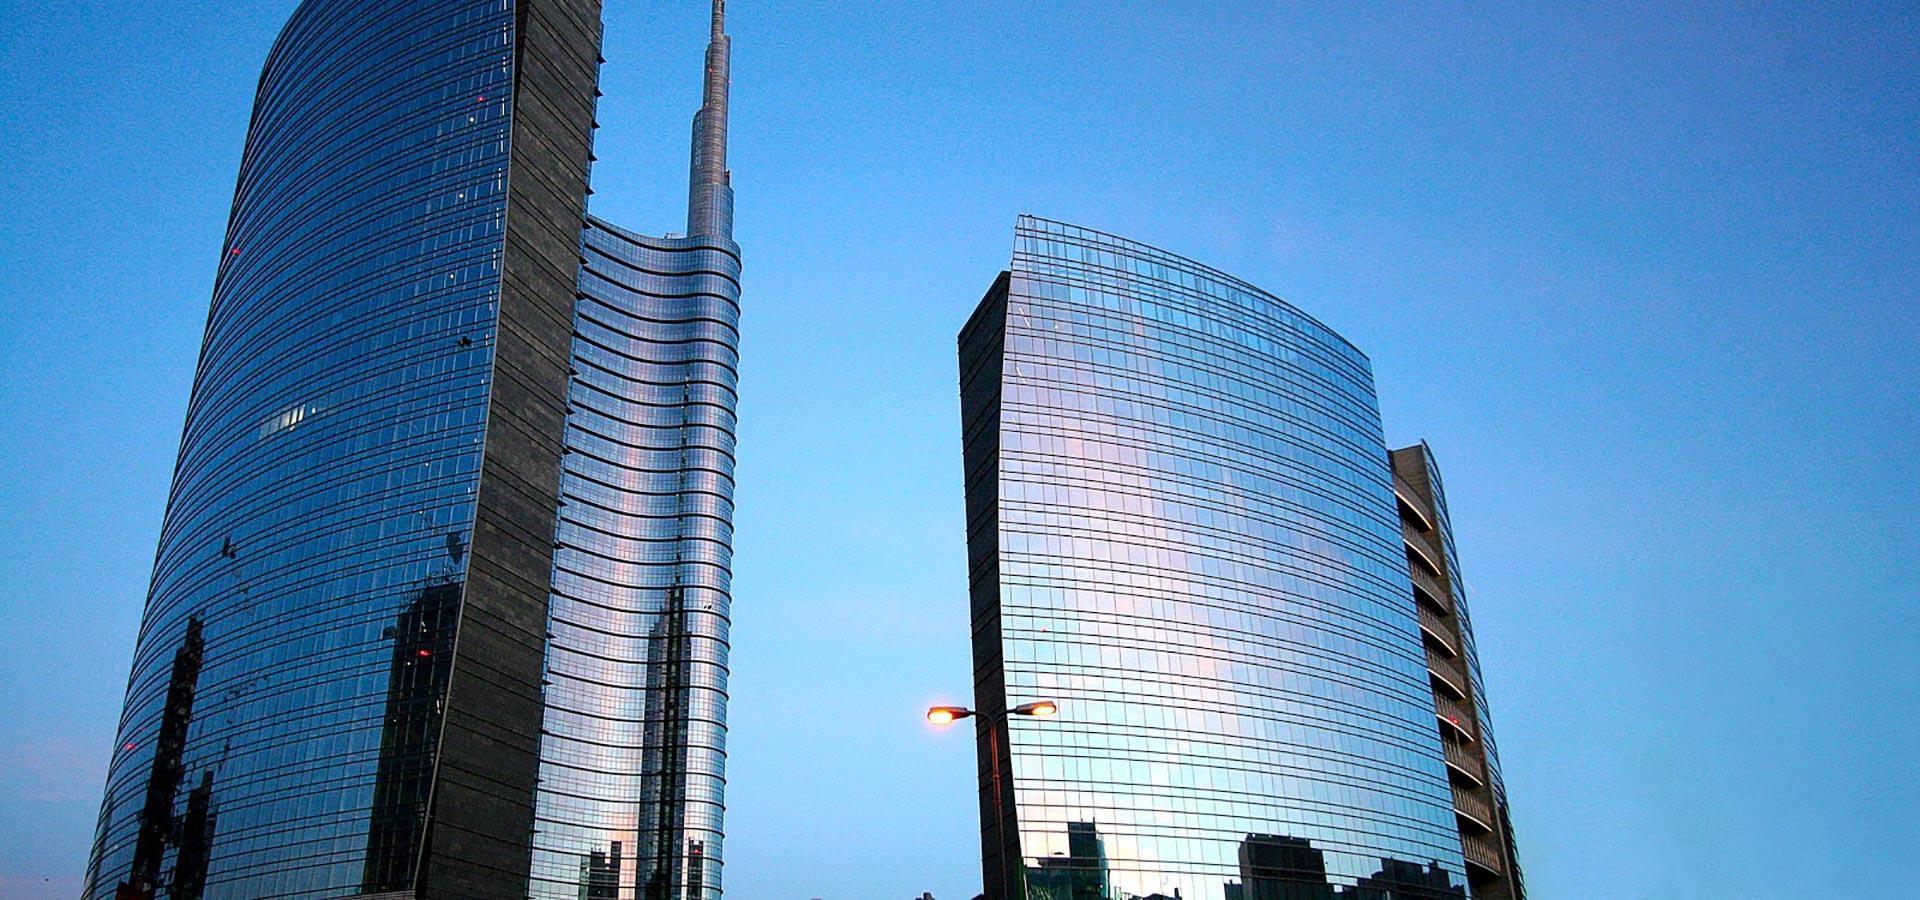 Visita i grattacieli di porta nuova a milano guide for I nuovi grattacieli di milano